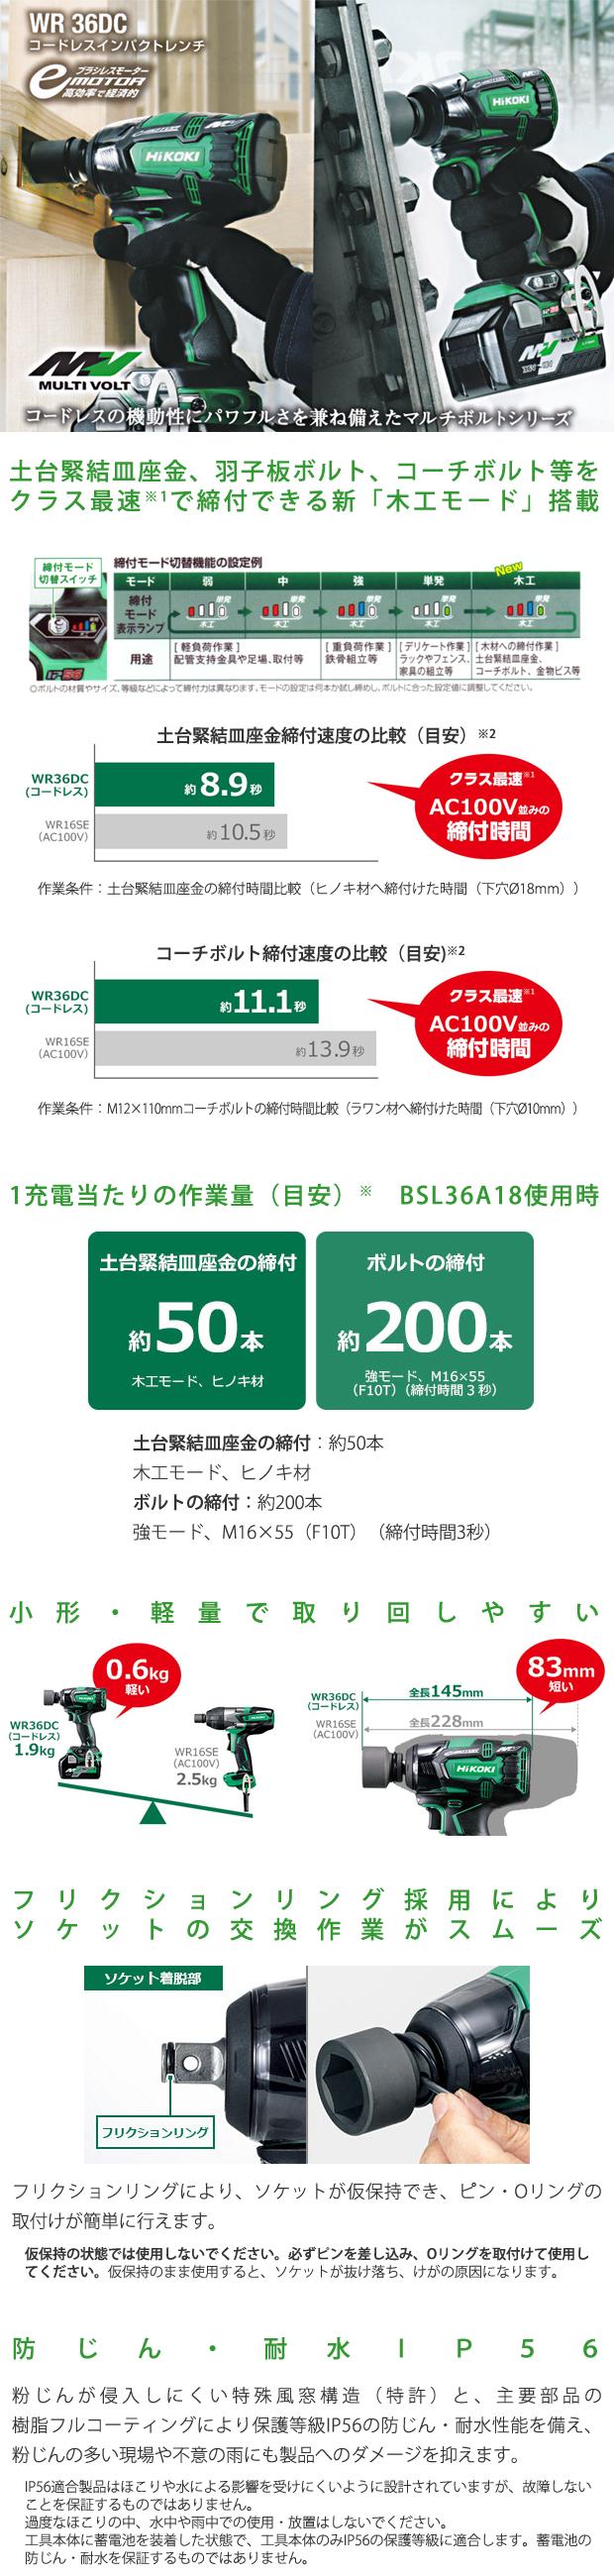 HiKOKI マルチボルト コードレスインパクトレンチ WR36DC